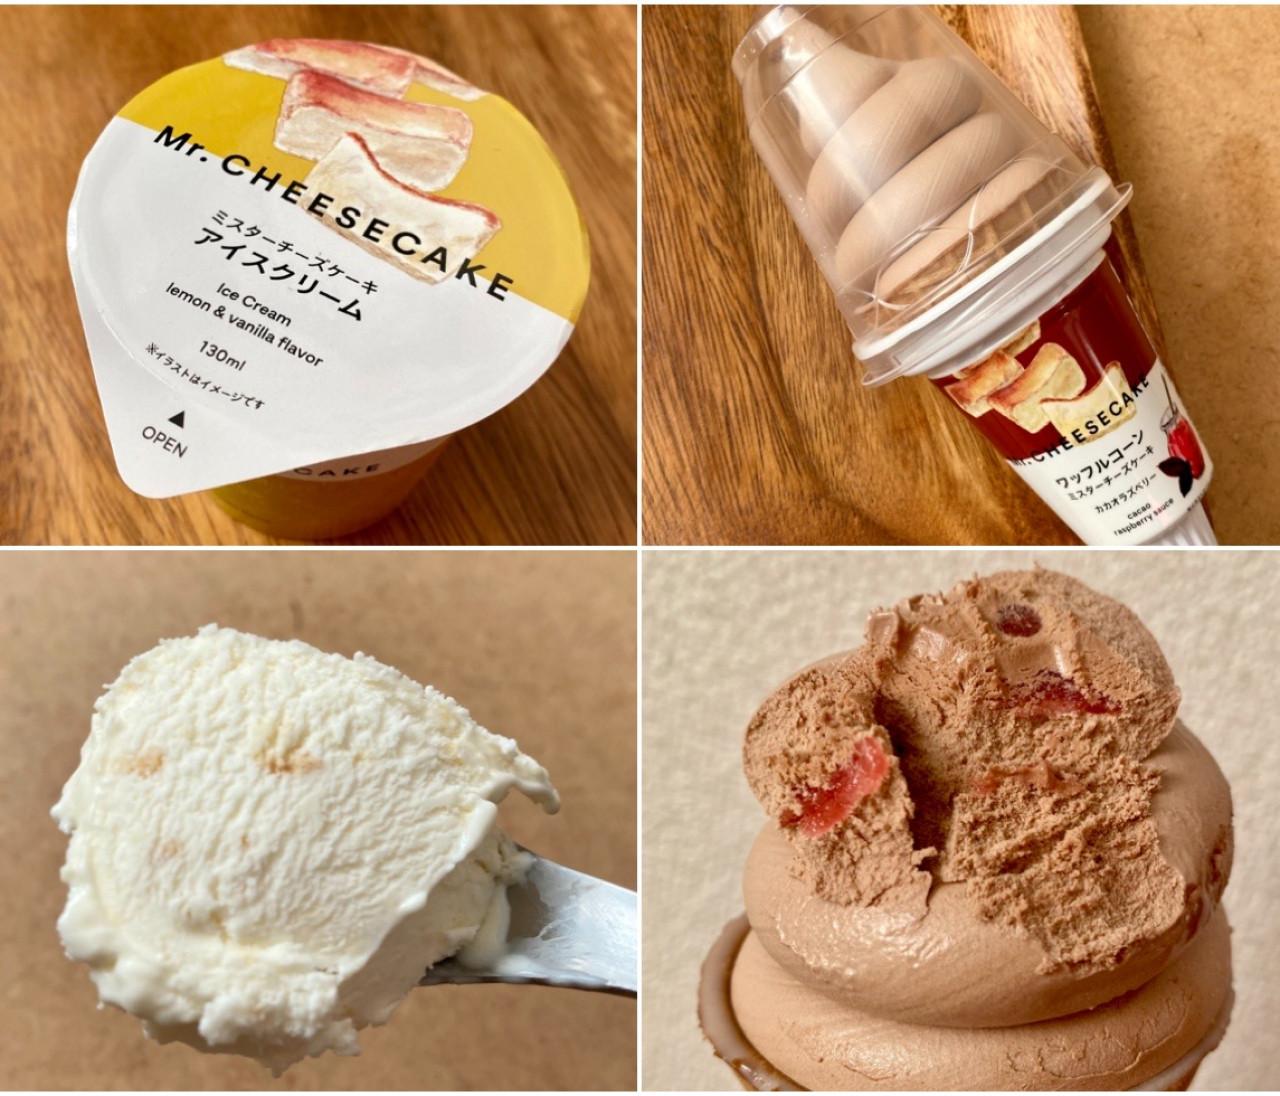 【セブン-イレブン × ミスターチーズケーキ(Mr. CHEESECAKE)】コラボアイスが超話題、カップ&ワッフルコーンの2種類が登場!